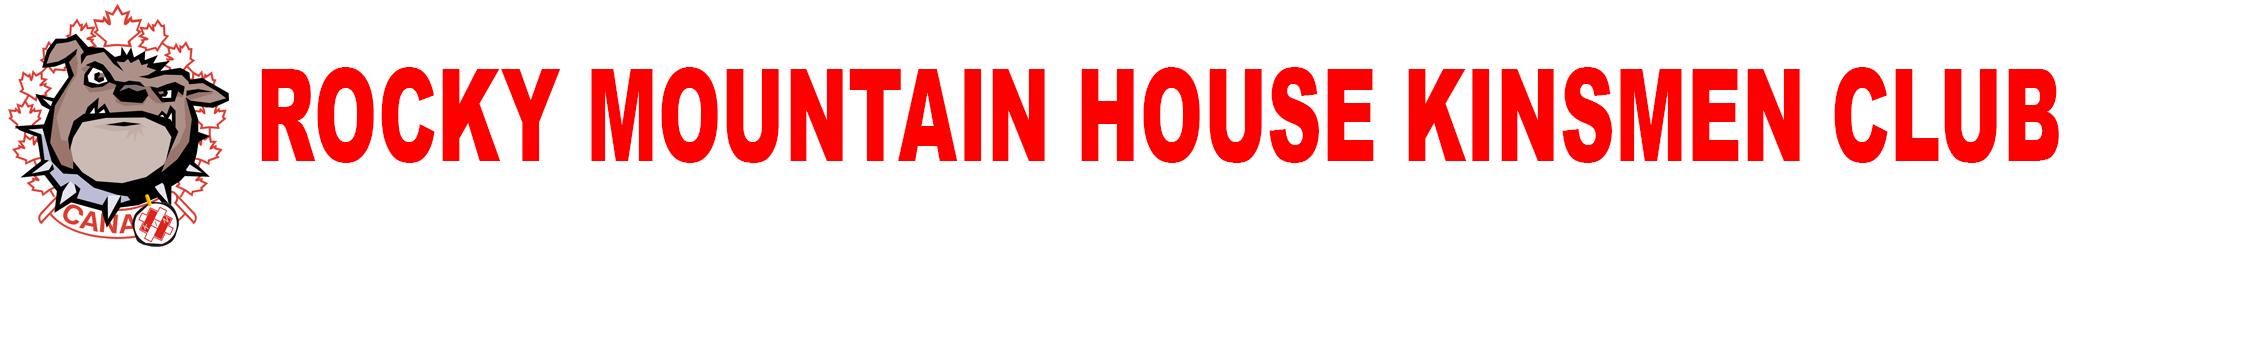 Rocky Mountain House Kinsmen